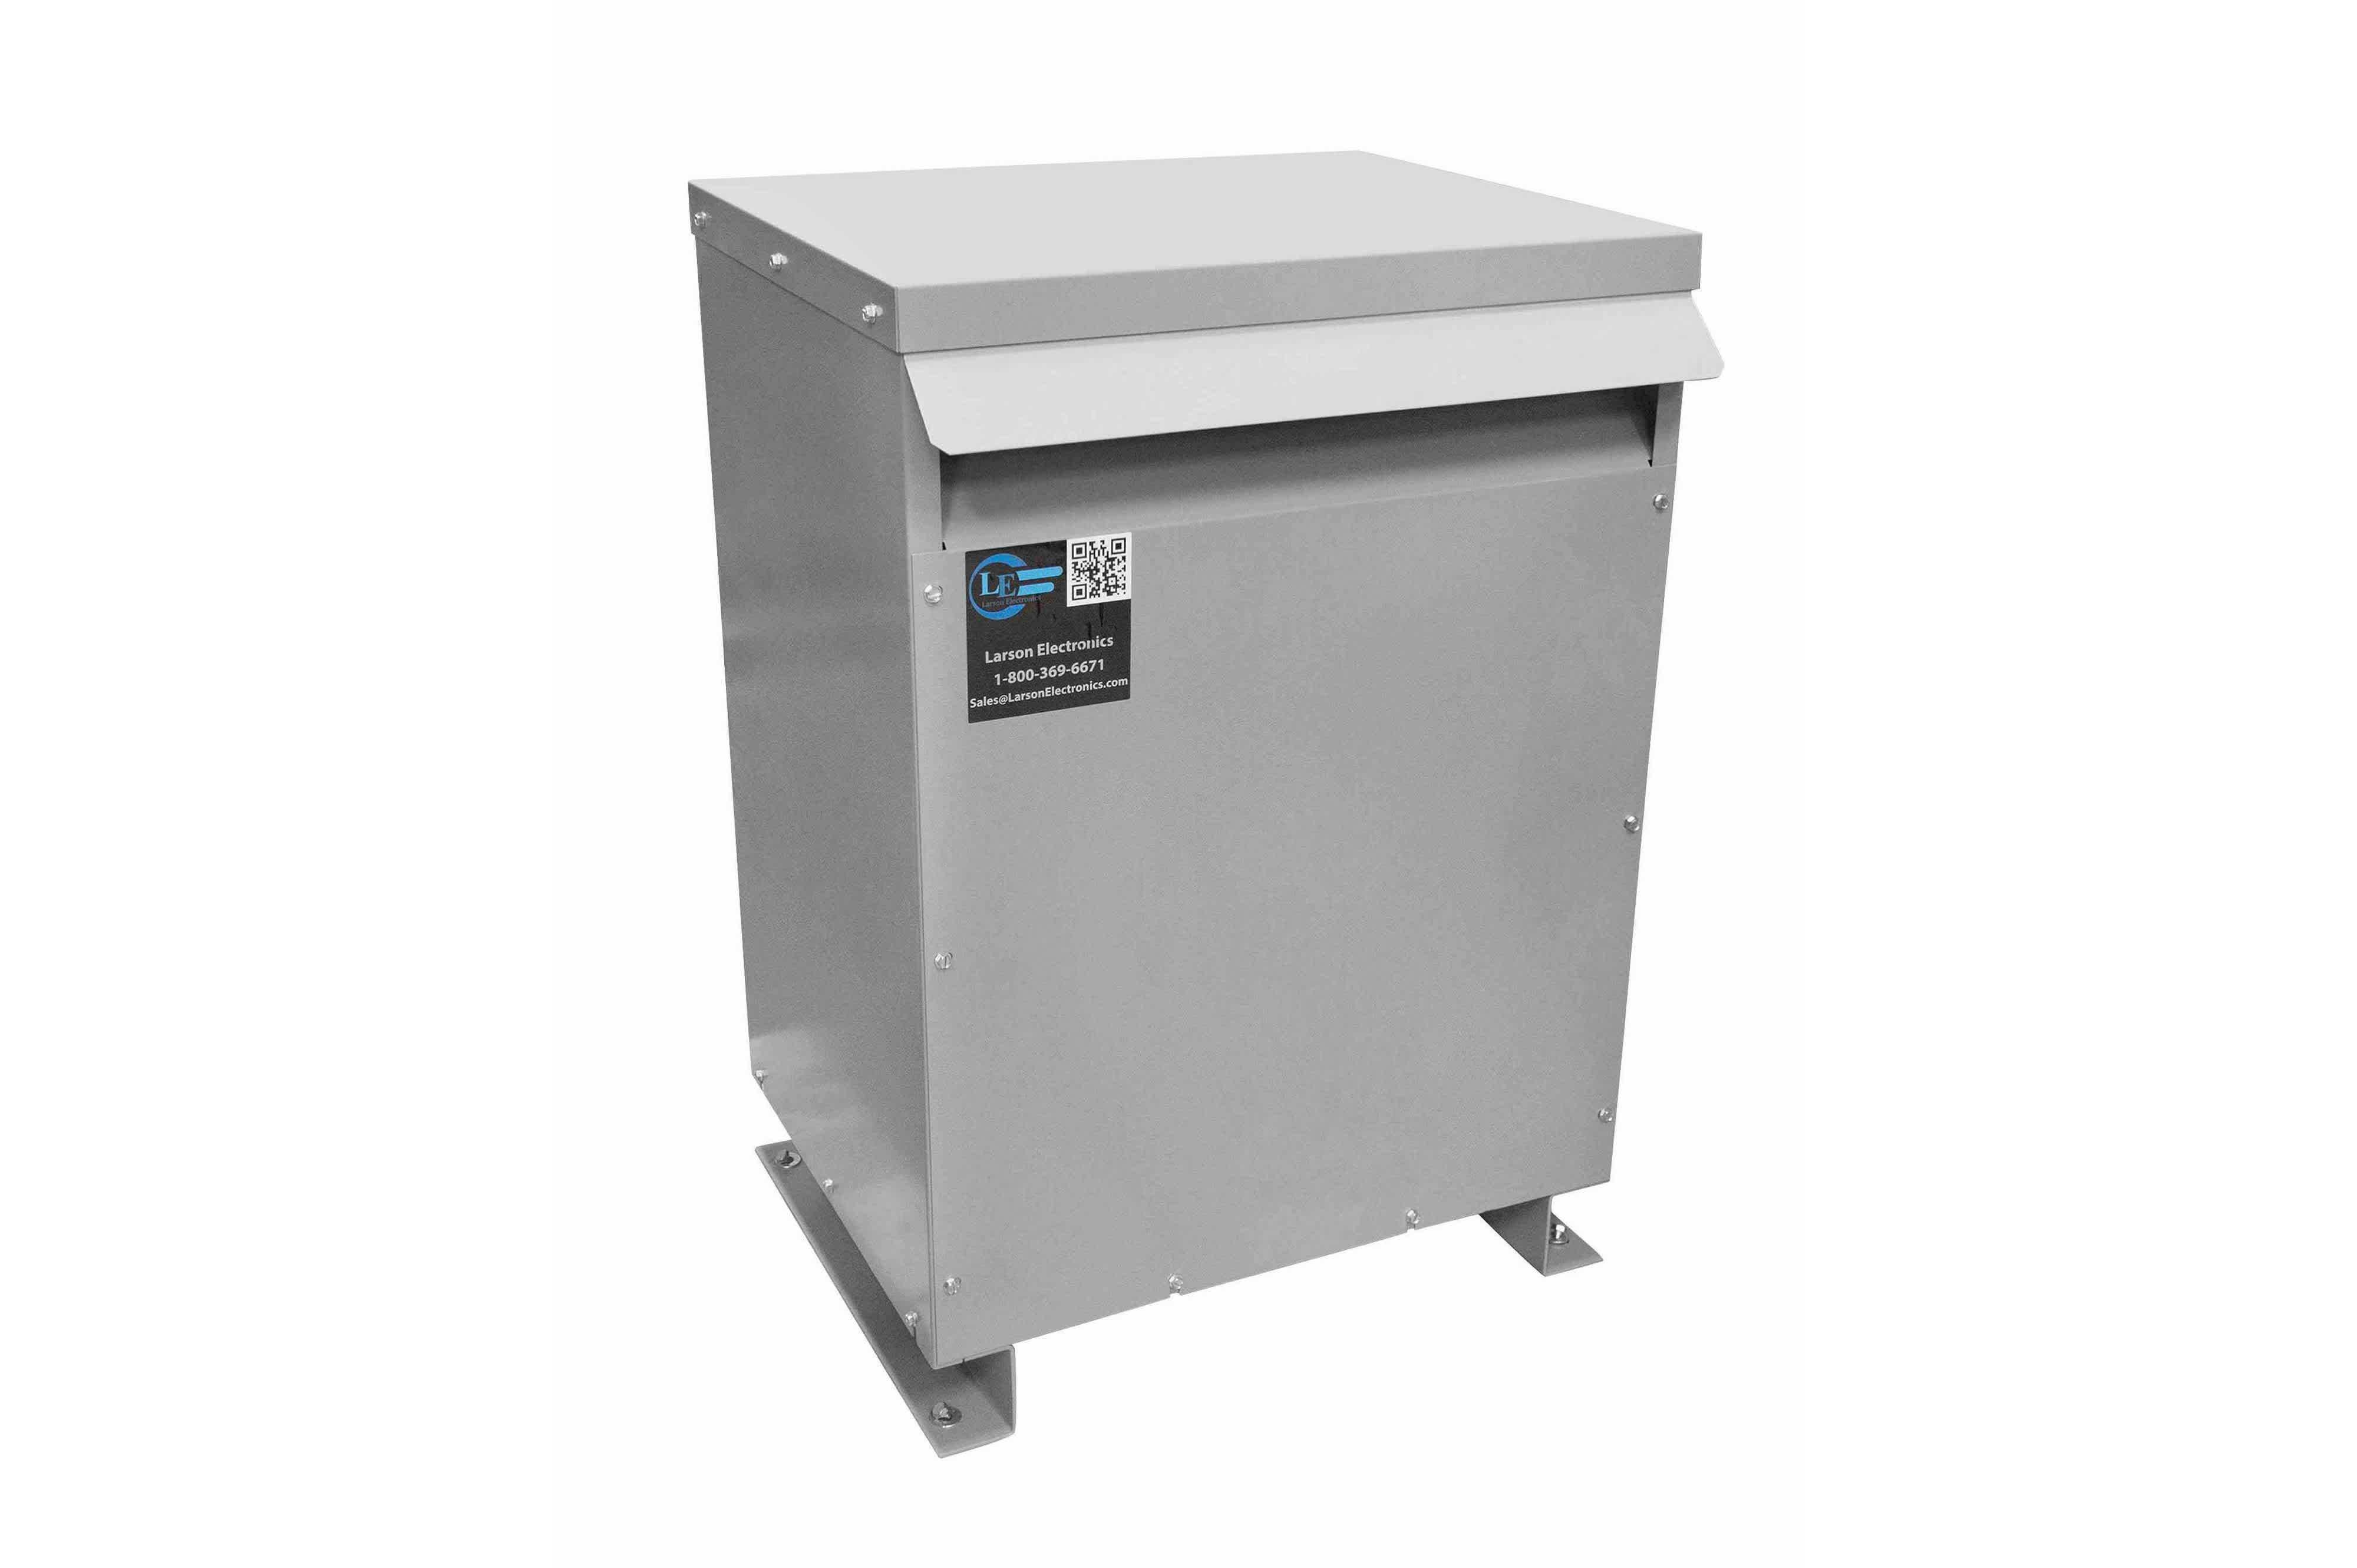 32.5 kVA 3PH Isolation Transformer, 460V Delta Primary, 415V Delta Secondary, N3R, Ventilated, 60 Hz